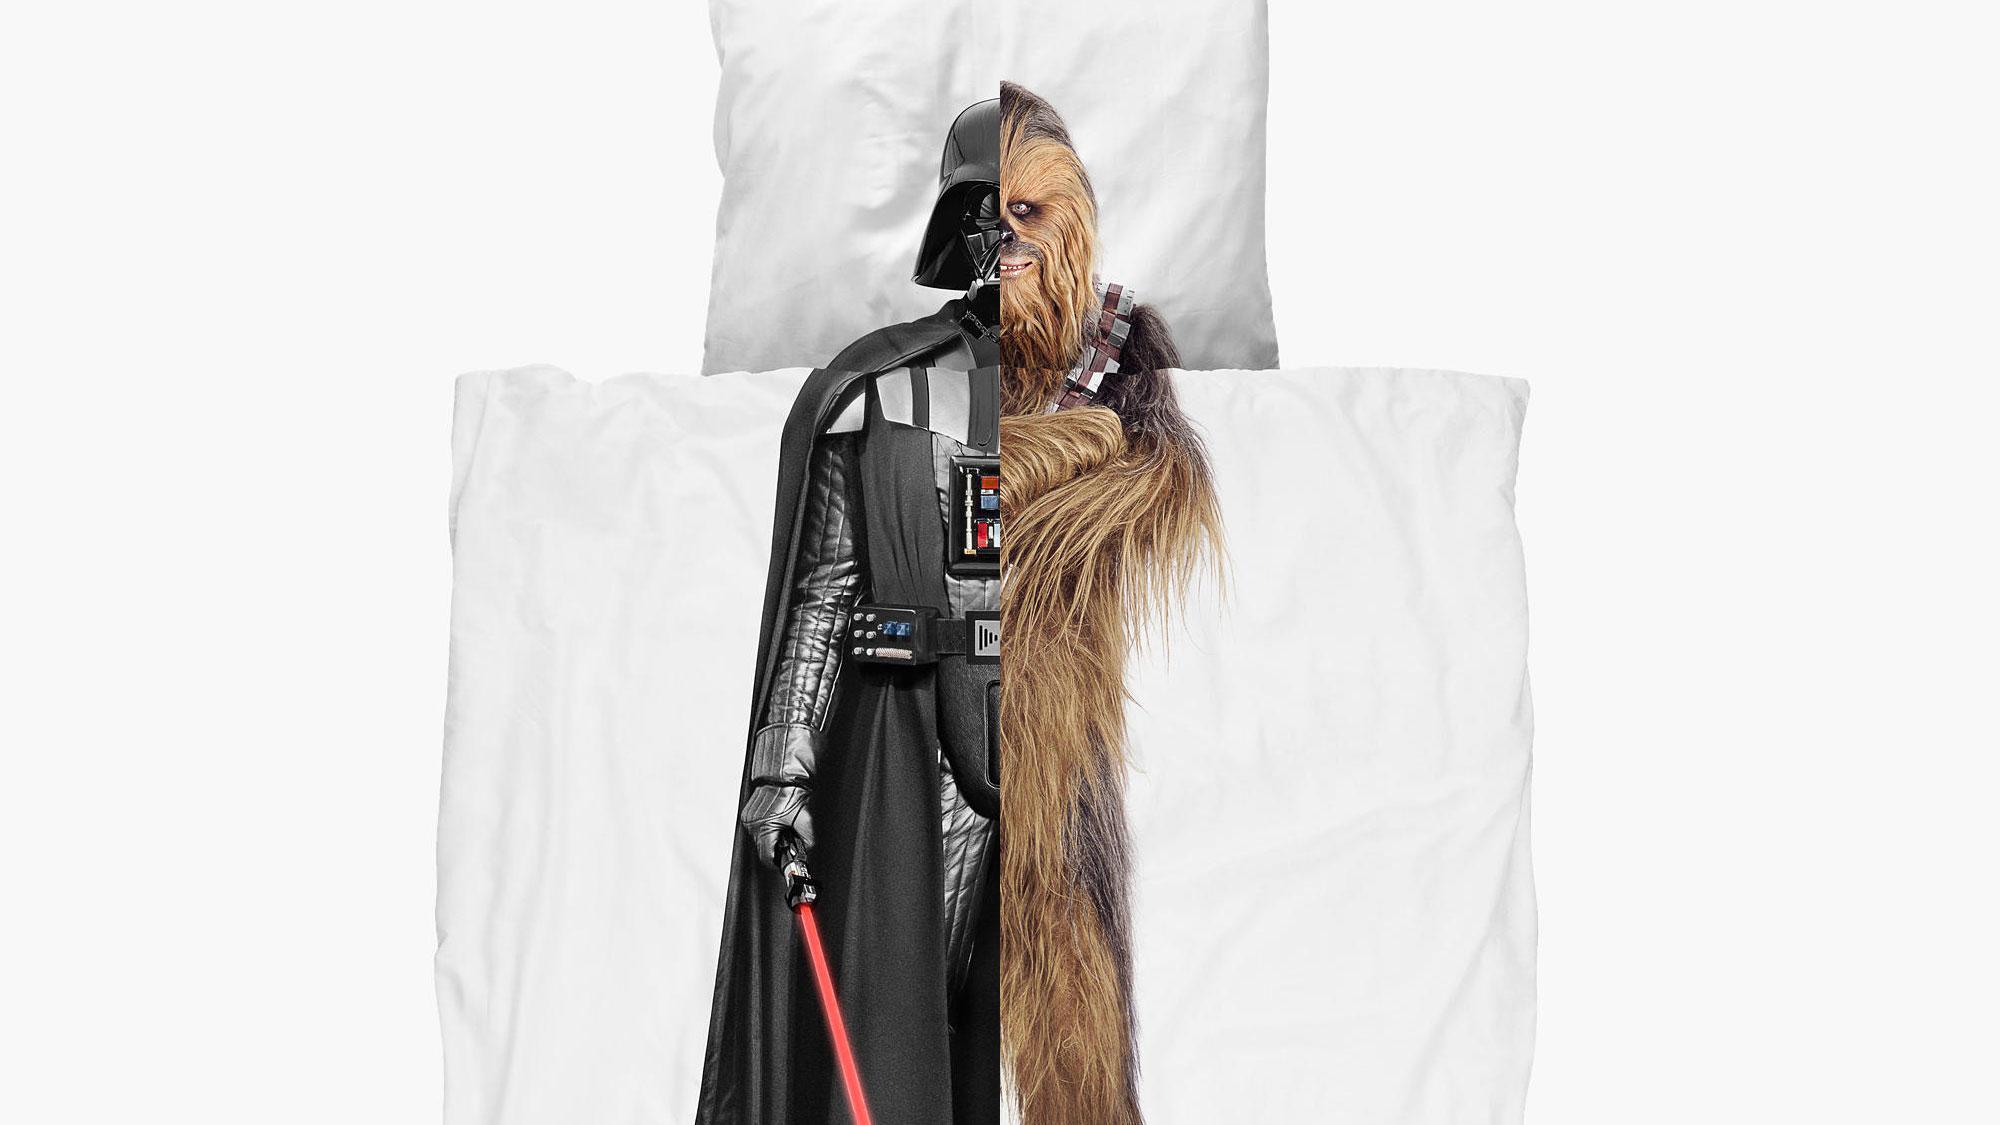 Mit Darth Vader Und Chewbacca Flotter Dreier Dank Star Wars